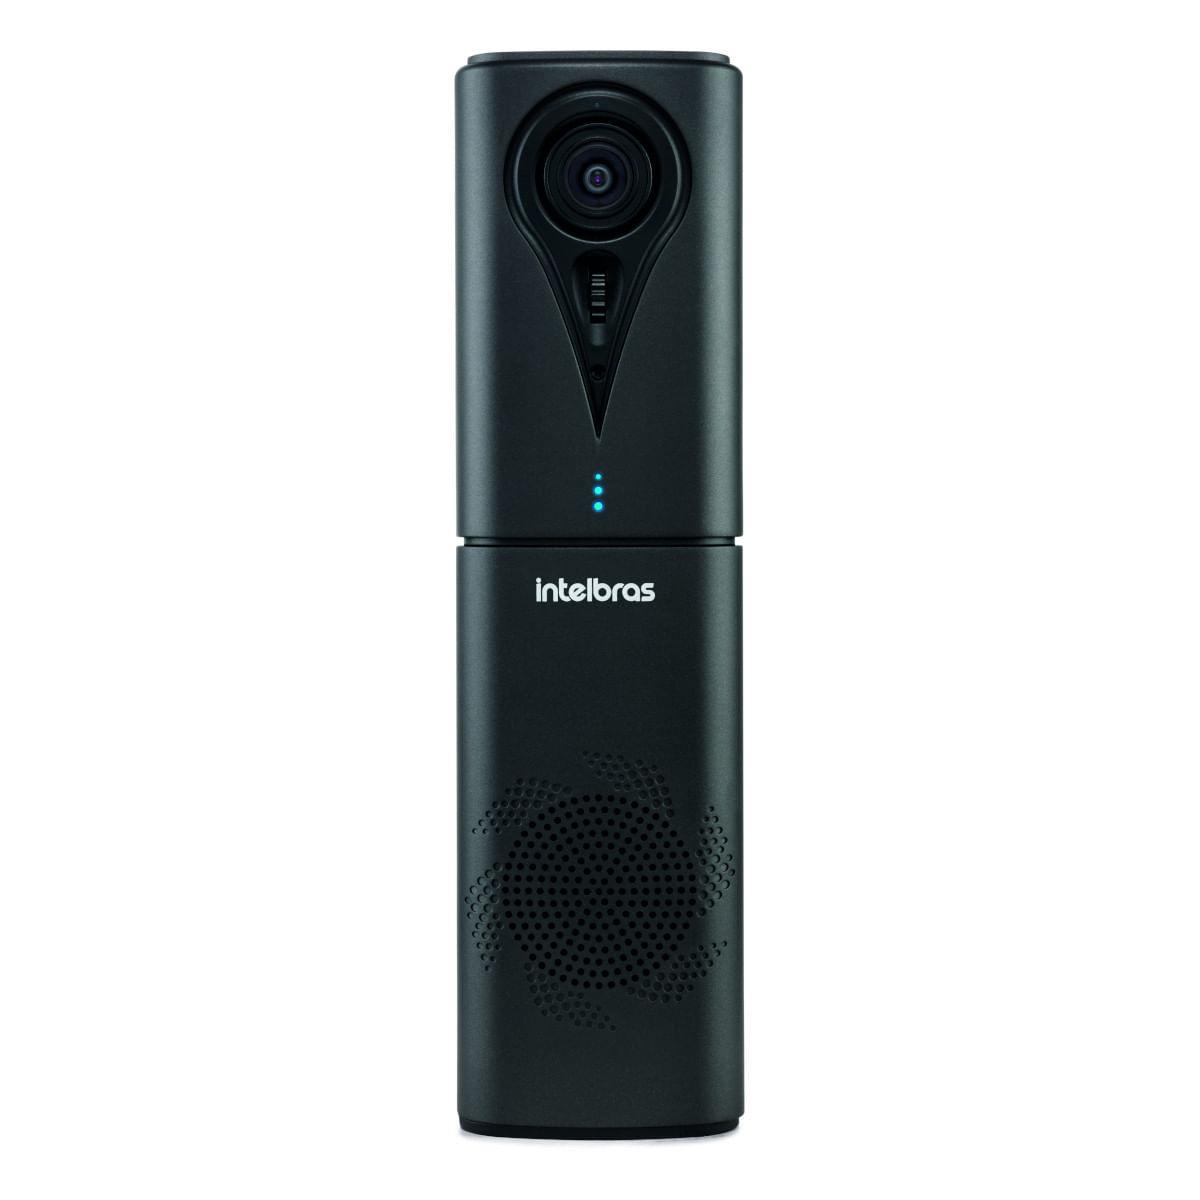 Vídeo conferência Intelbras USB EVC 300